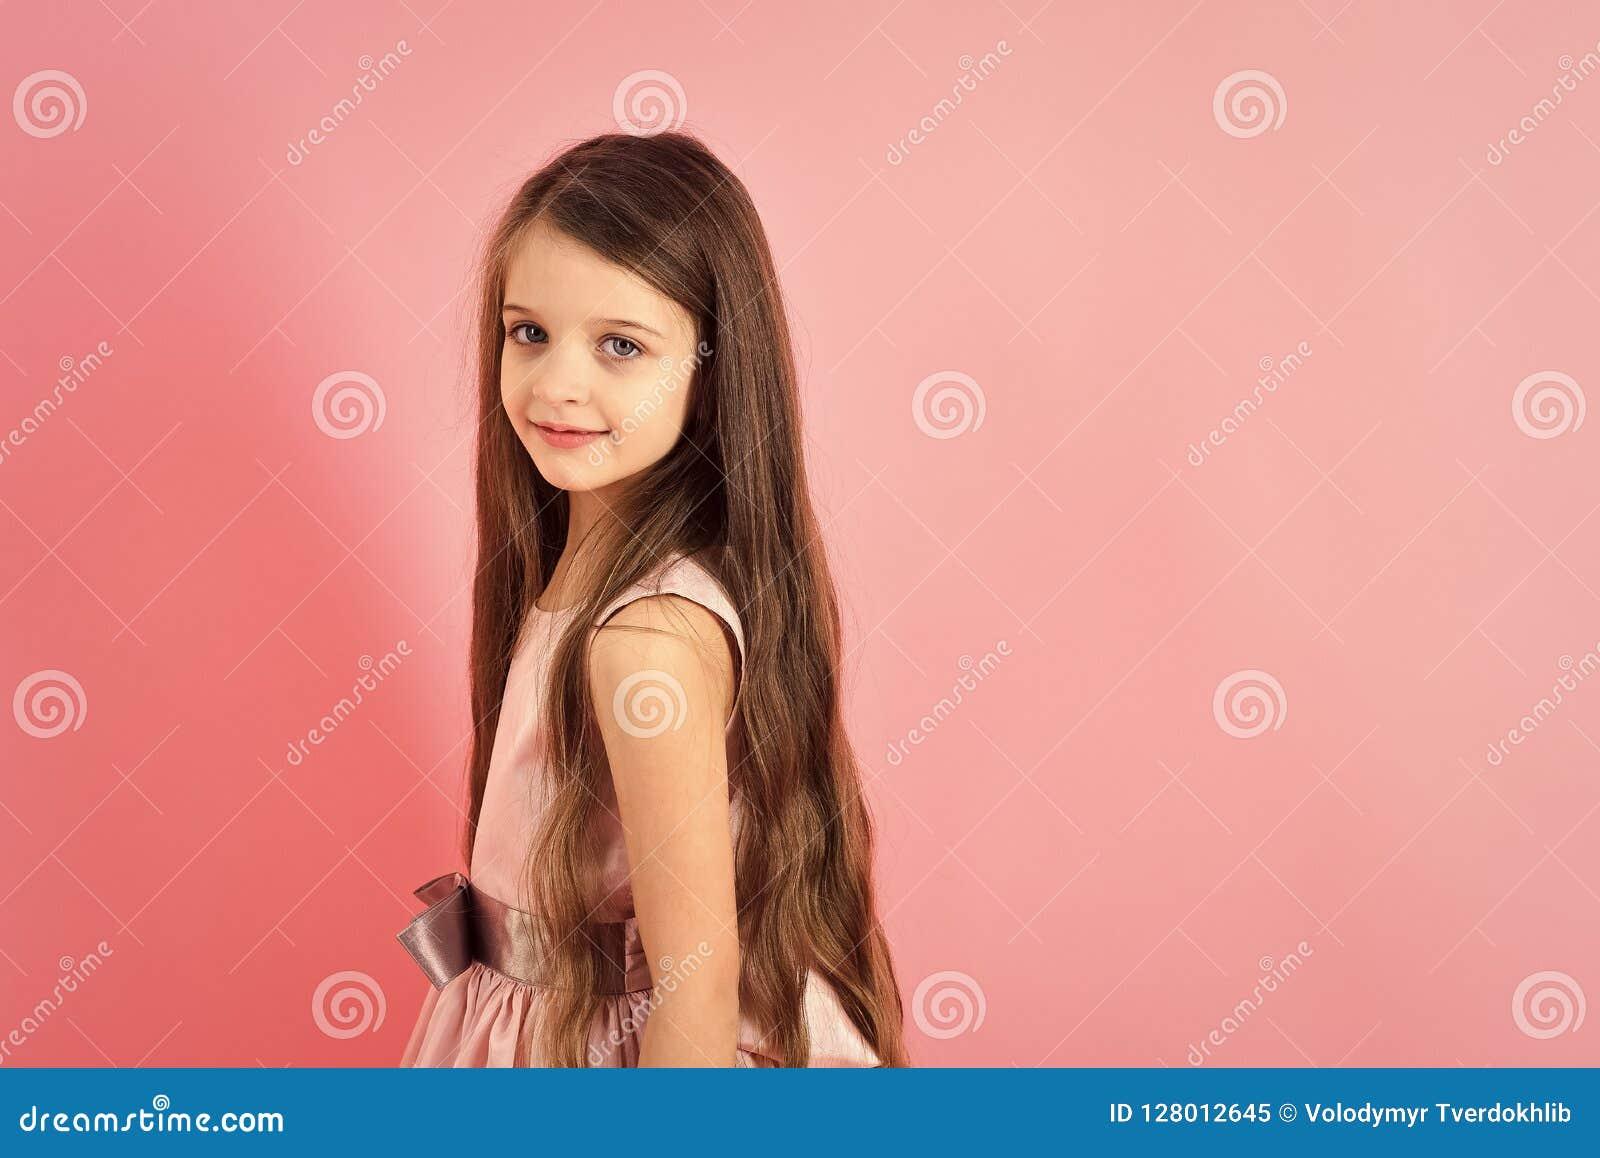 Kindheit Blick Glück Frisur Stockbild Bild Von Kaukasisch